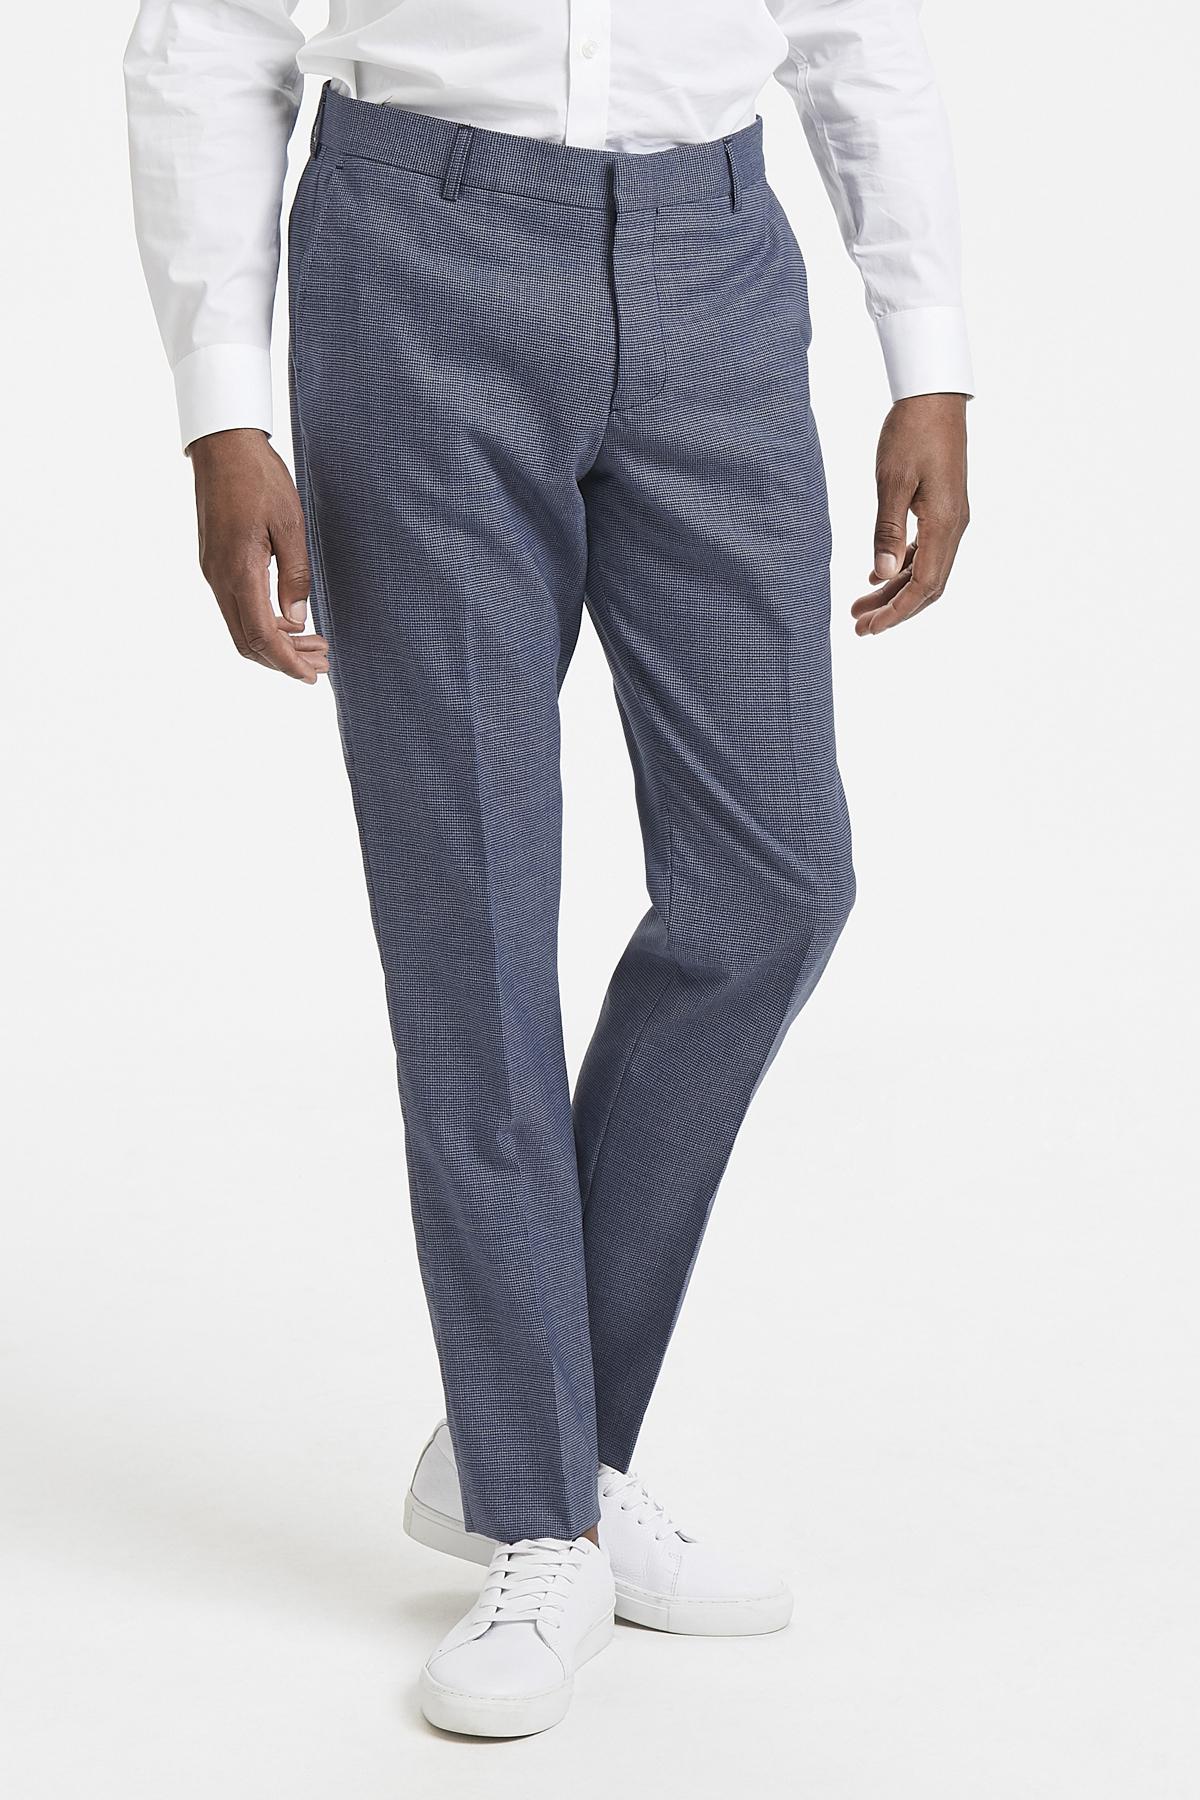 Ink Blue Pants Suiting – Køb Ink Blue Pants Suiting fra str. 44-58 her